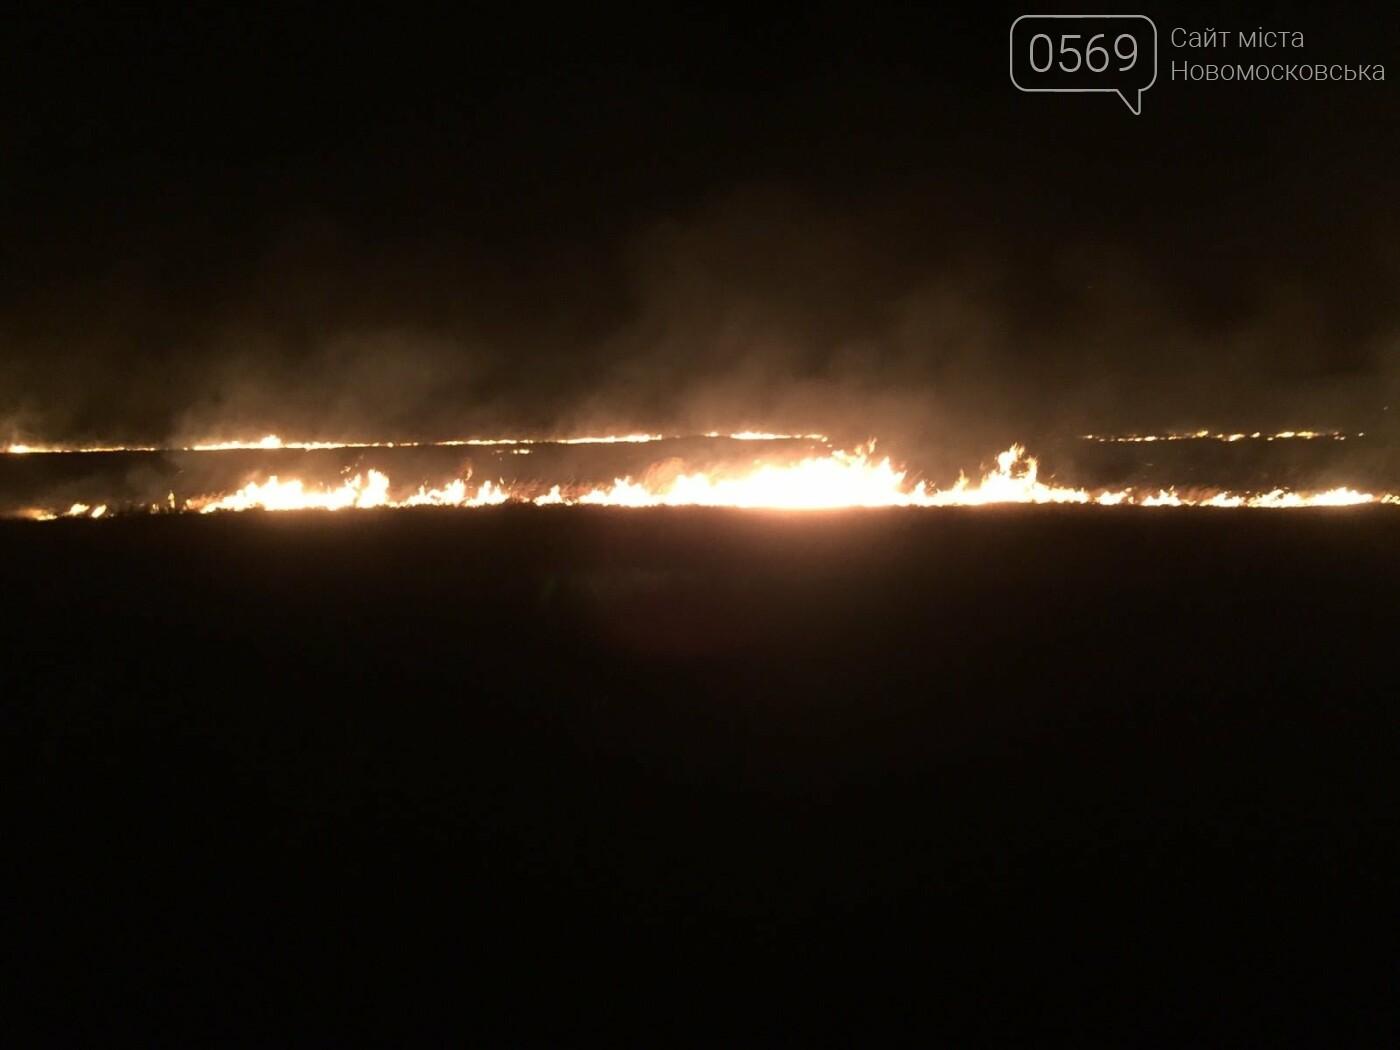 У ніч на 5 вересня більше сотні рятувальників і військових гасили під Новомосковськом масштабну пожежу, фото-4